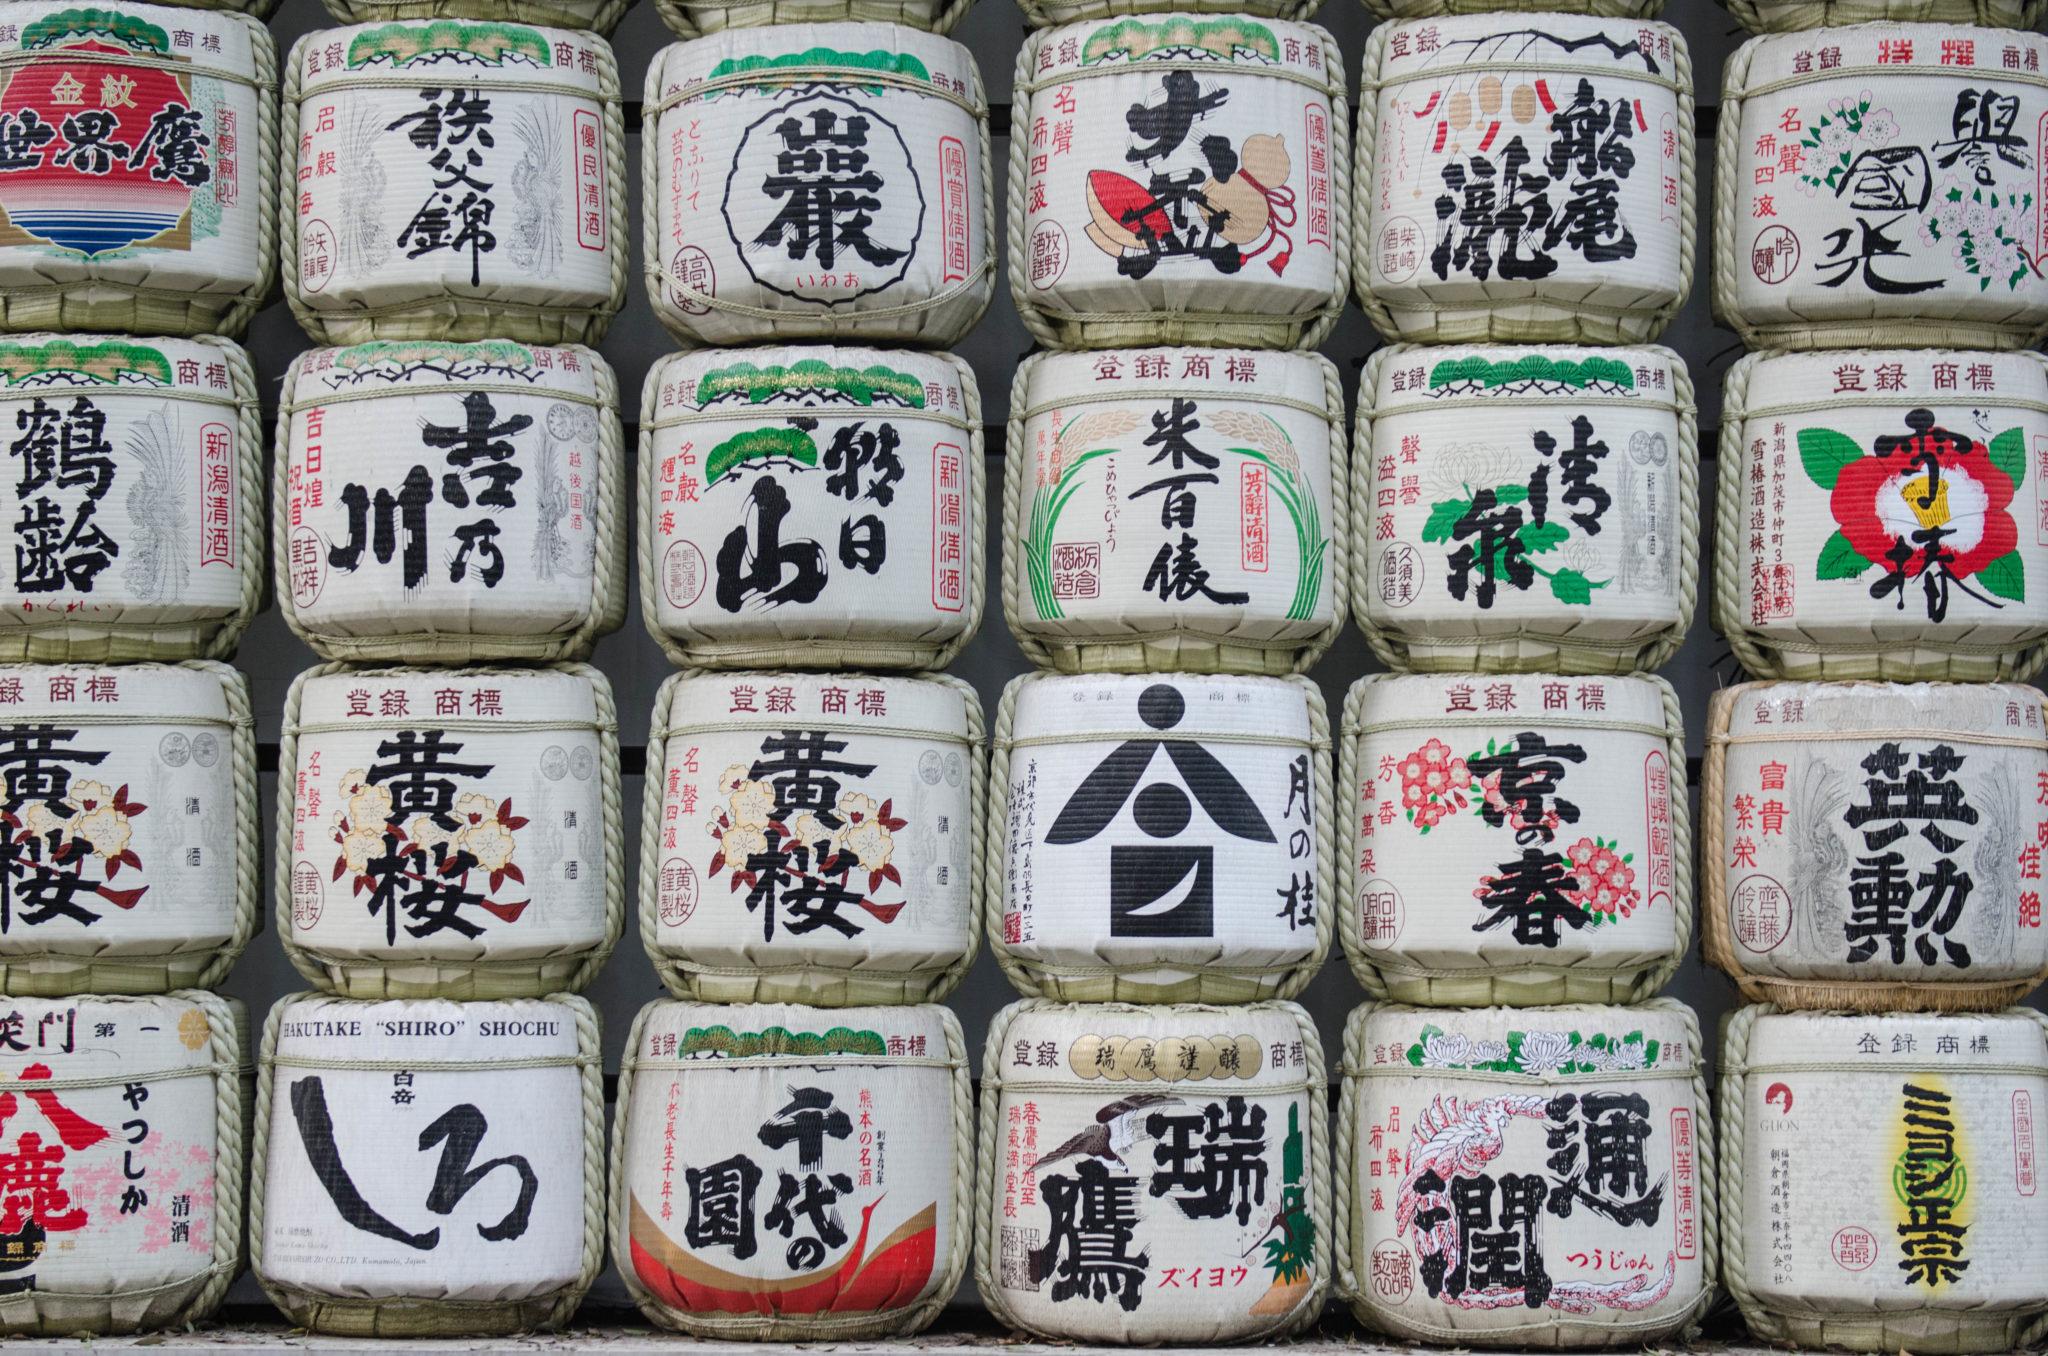 Japan Reisetipps: Wichtige Infos und Insidertipps für die Reisevorbereitung